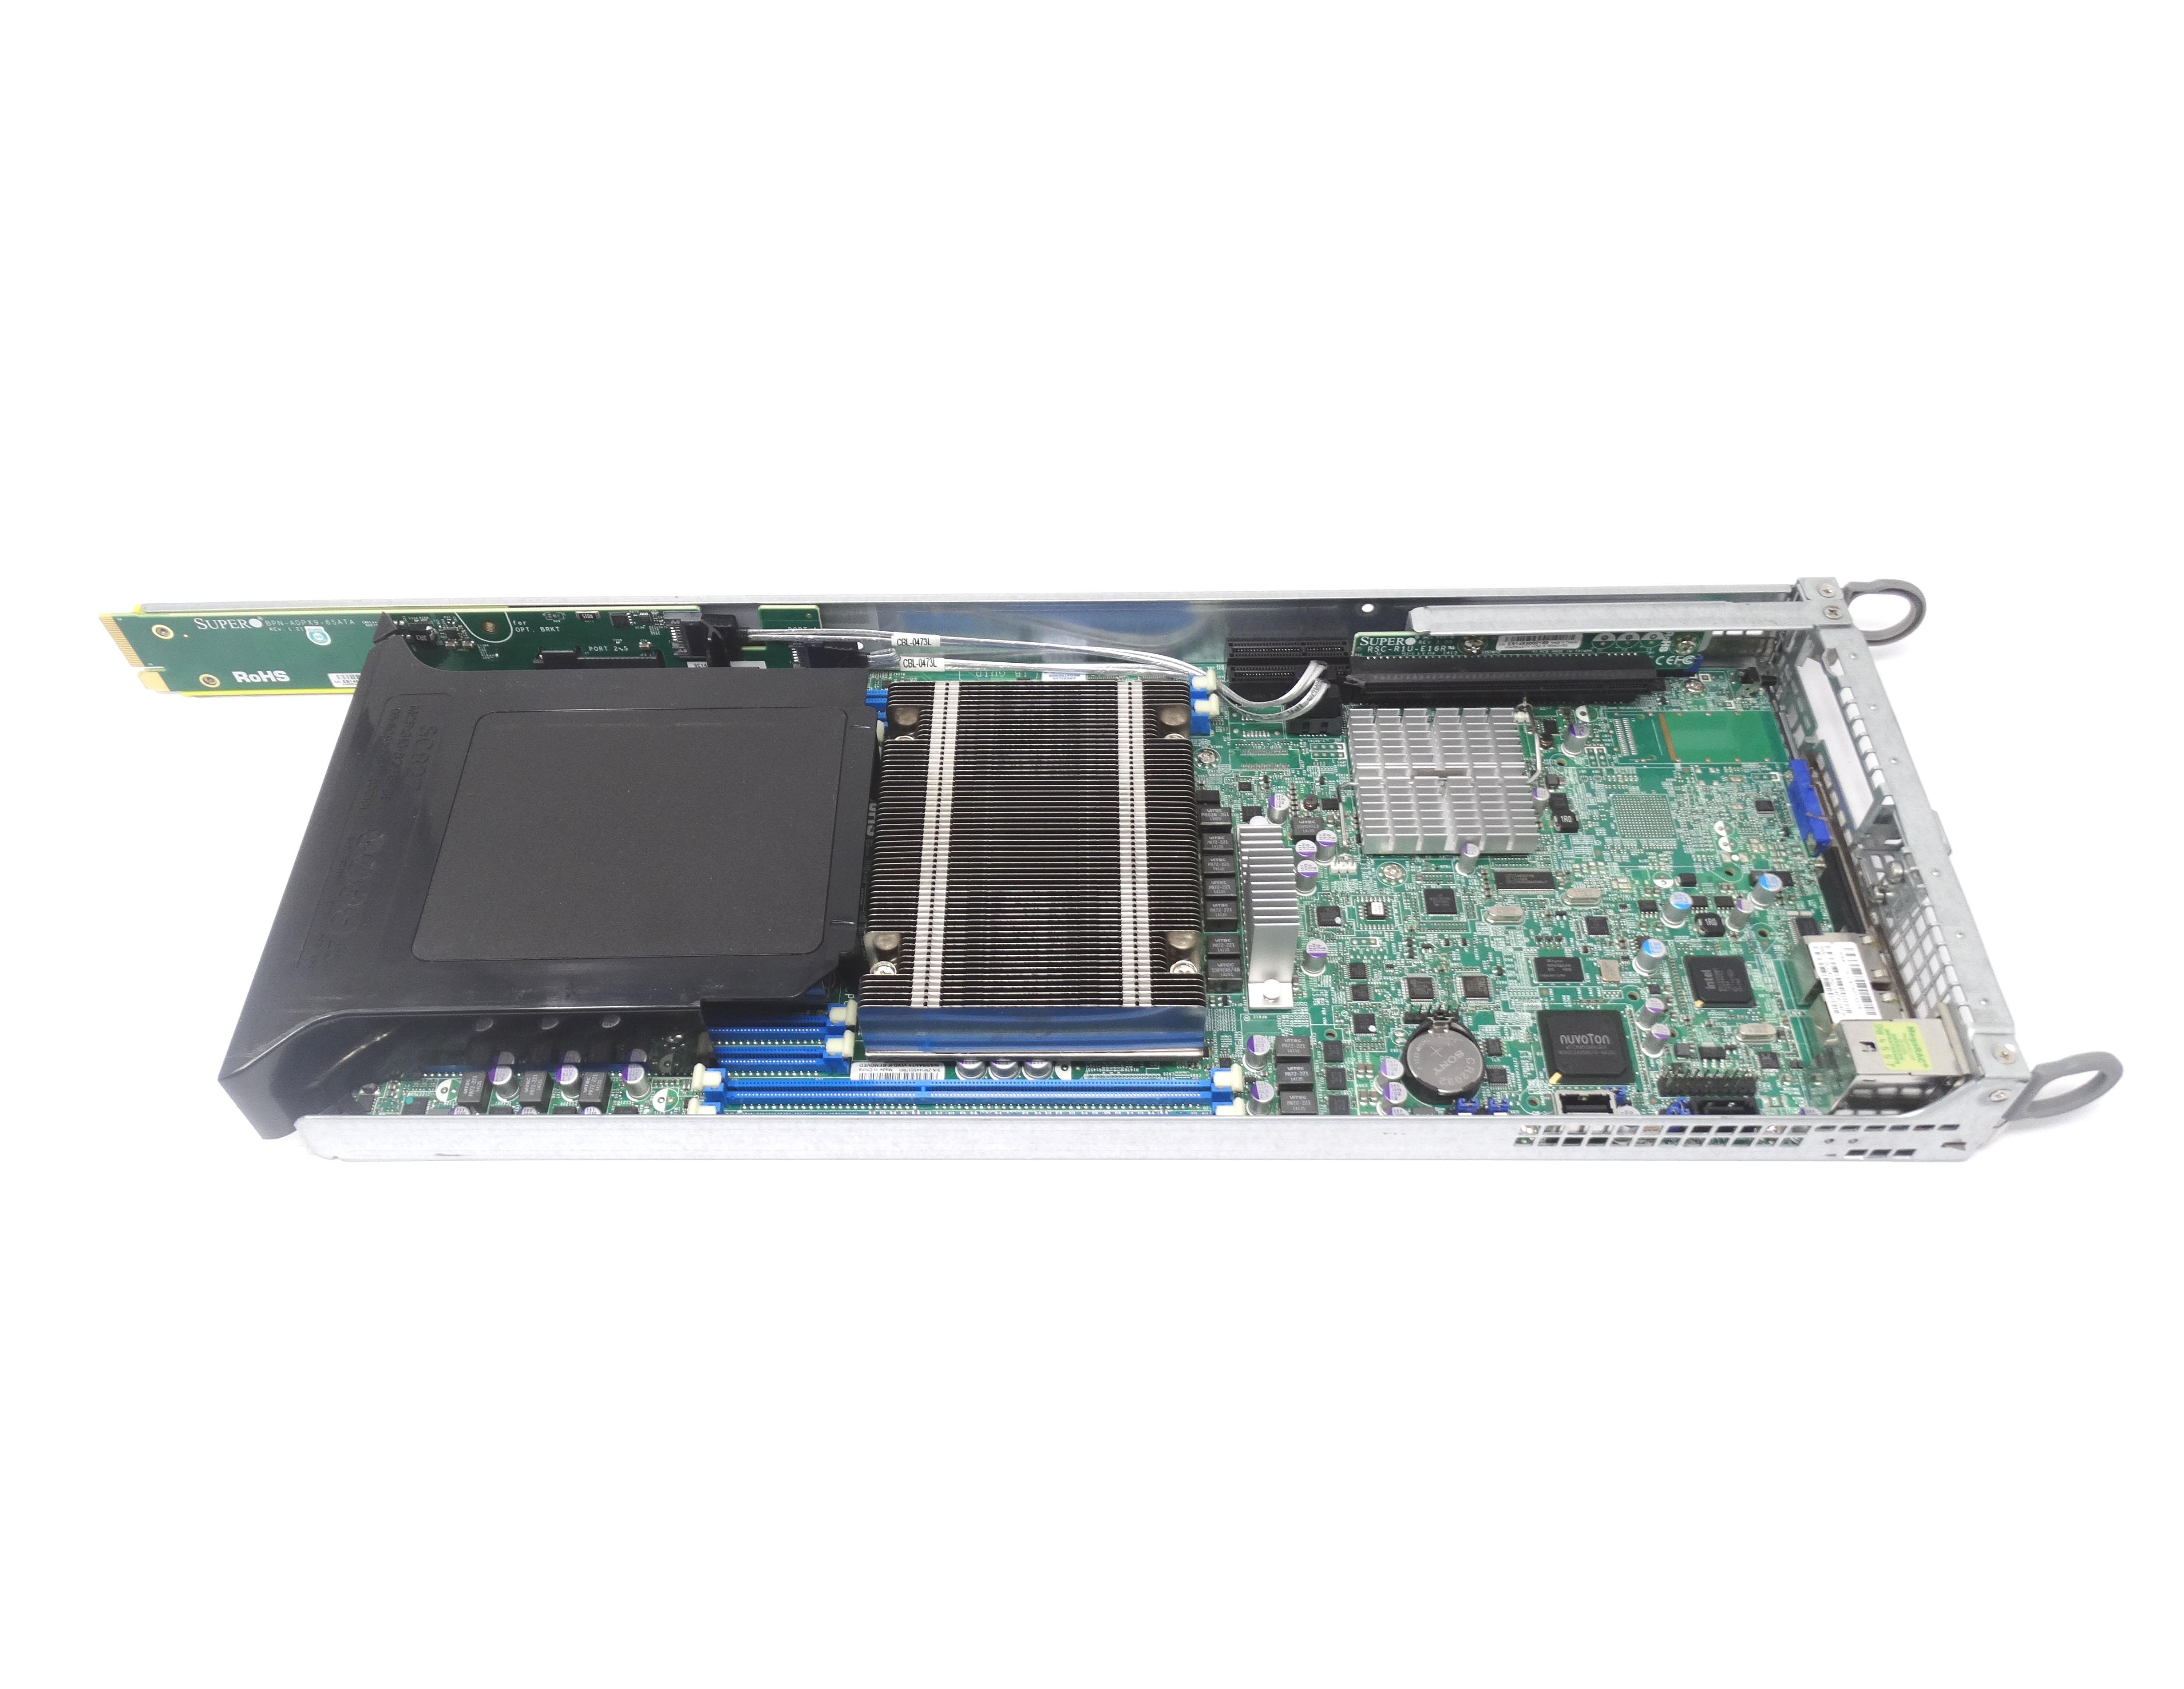 Supermicro LGA 2011 Socket System Board w/ Dual Heatsink (X9DRT-HF)